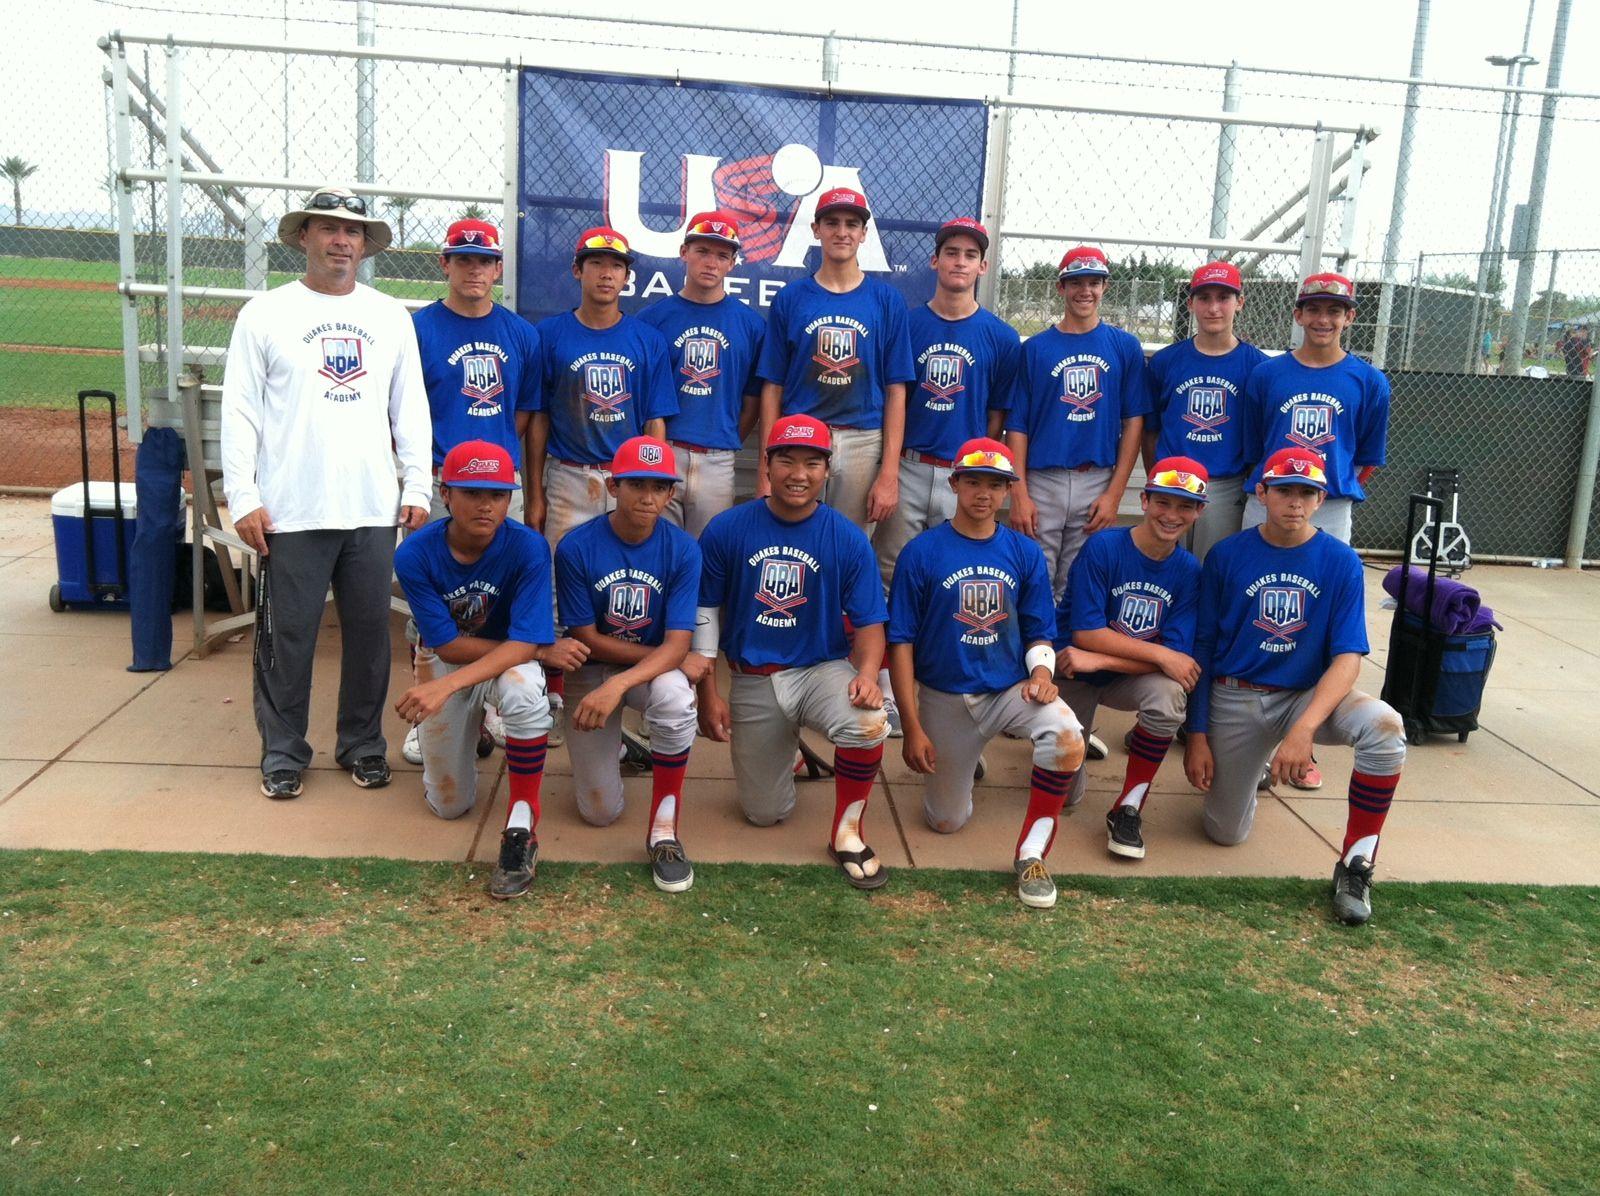 Quakes 14U Team 2013 USA Baseball National Team